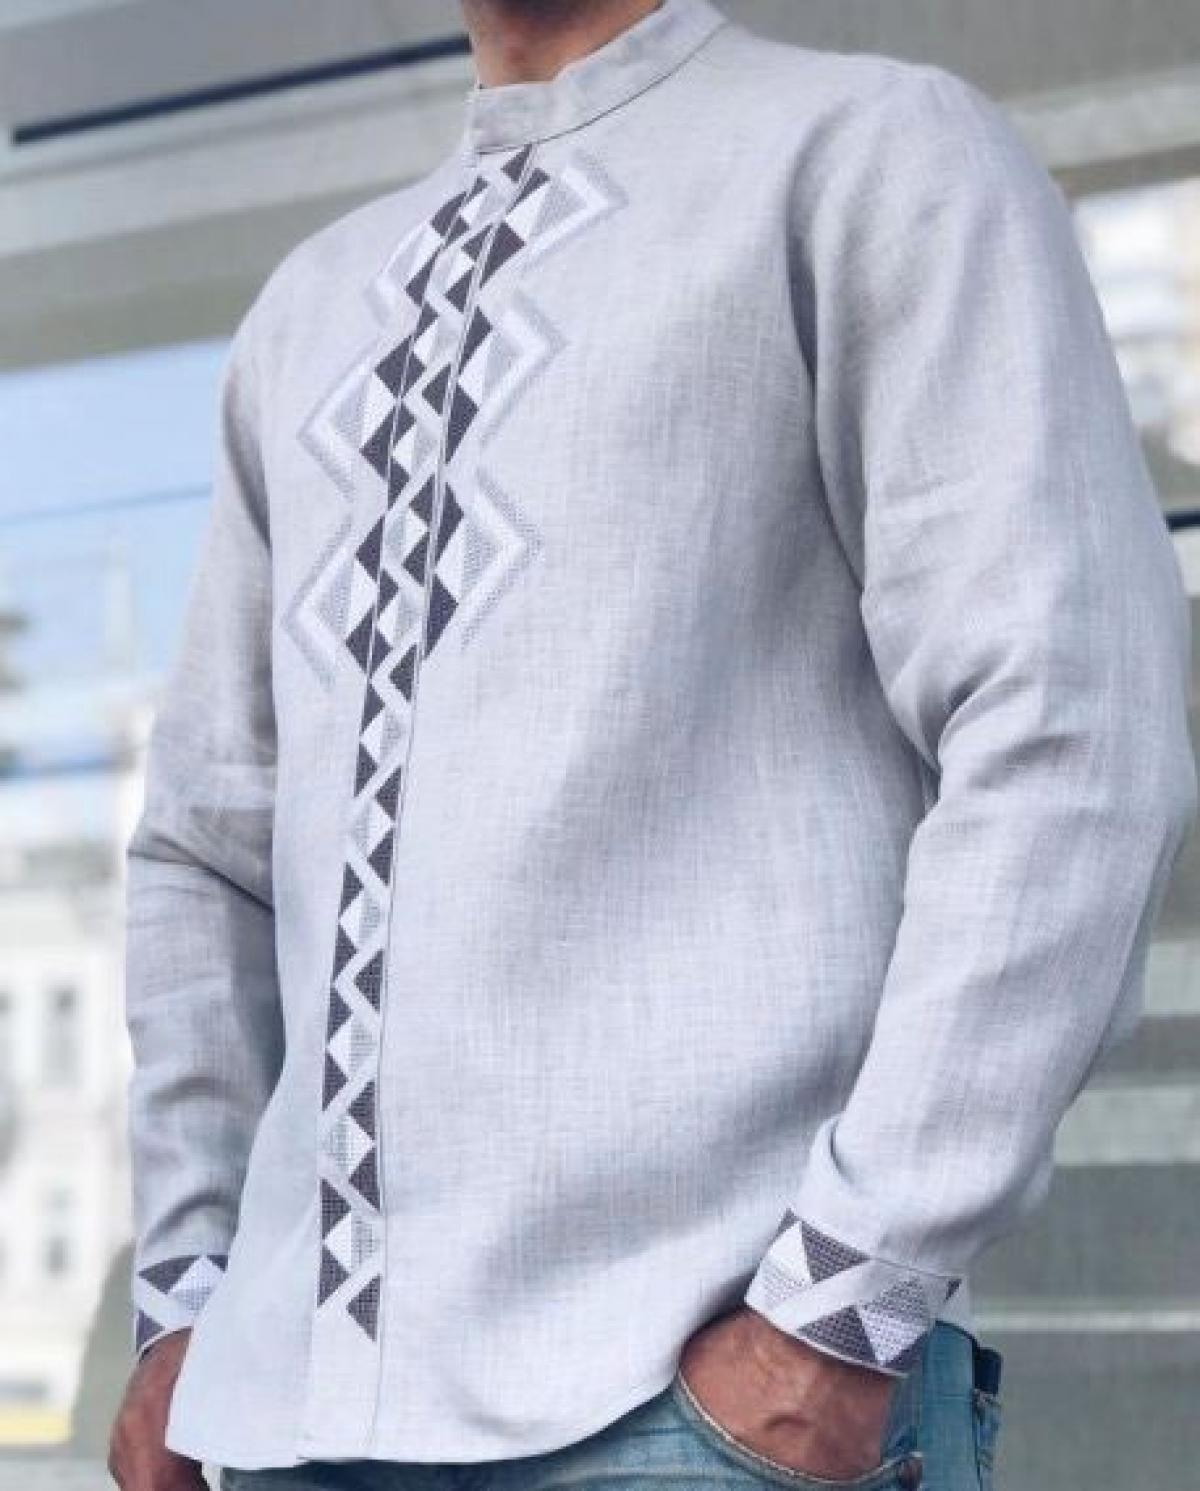 Современная мужская вышиванка серая. Фото №5. | Народный дом Украина